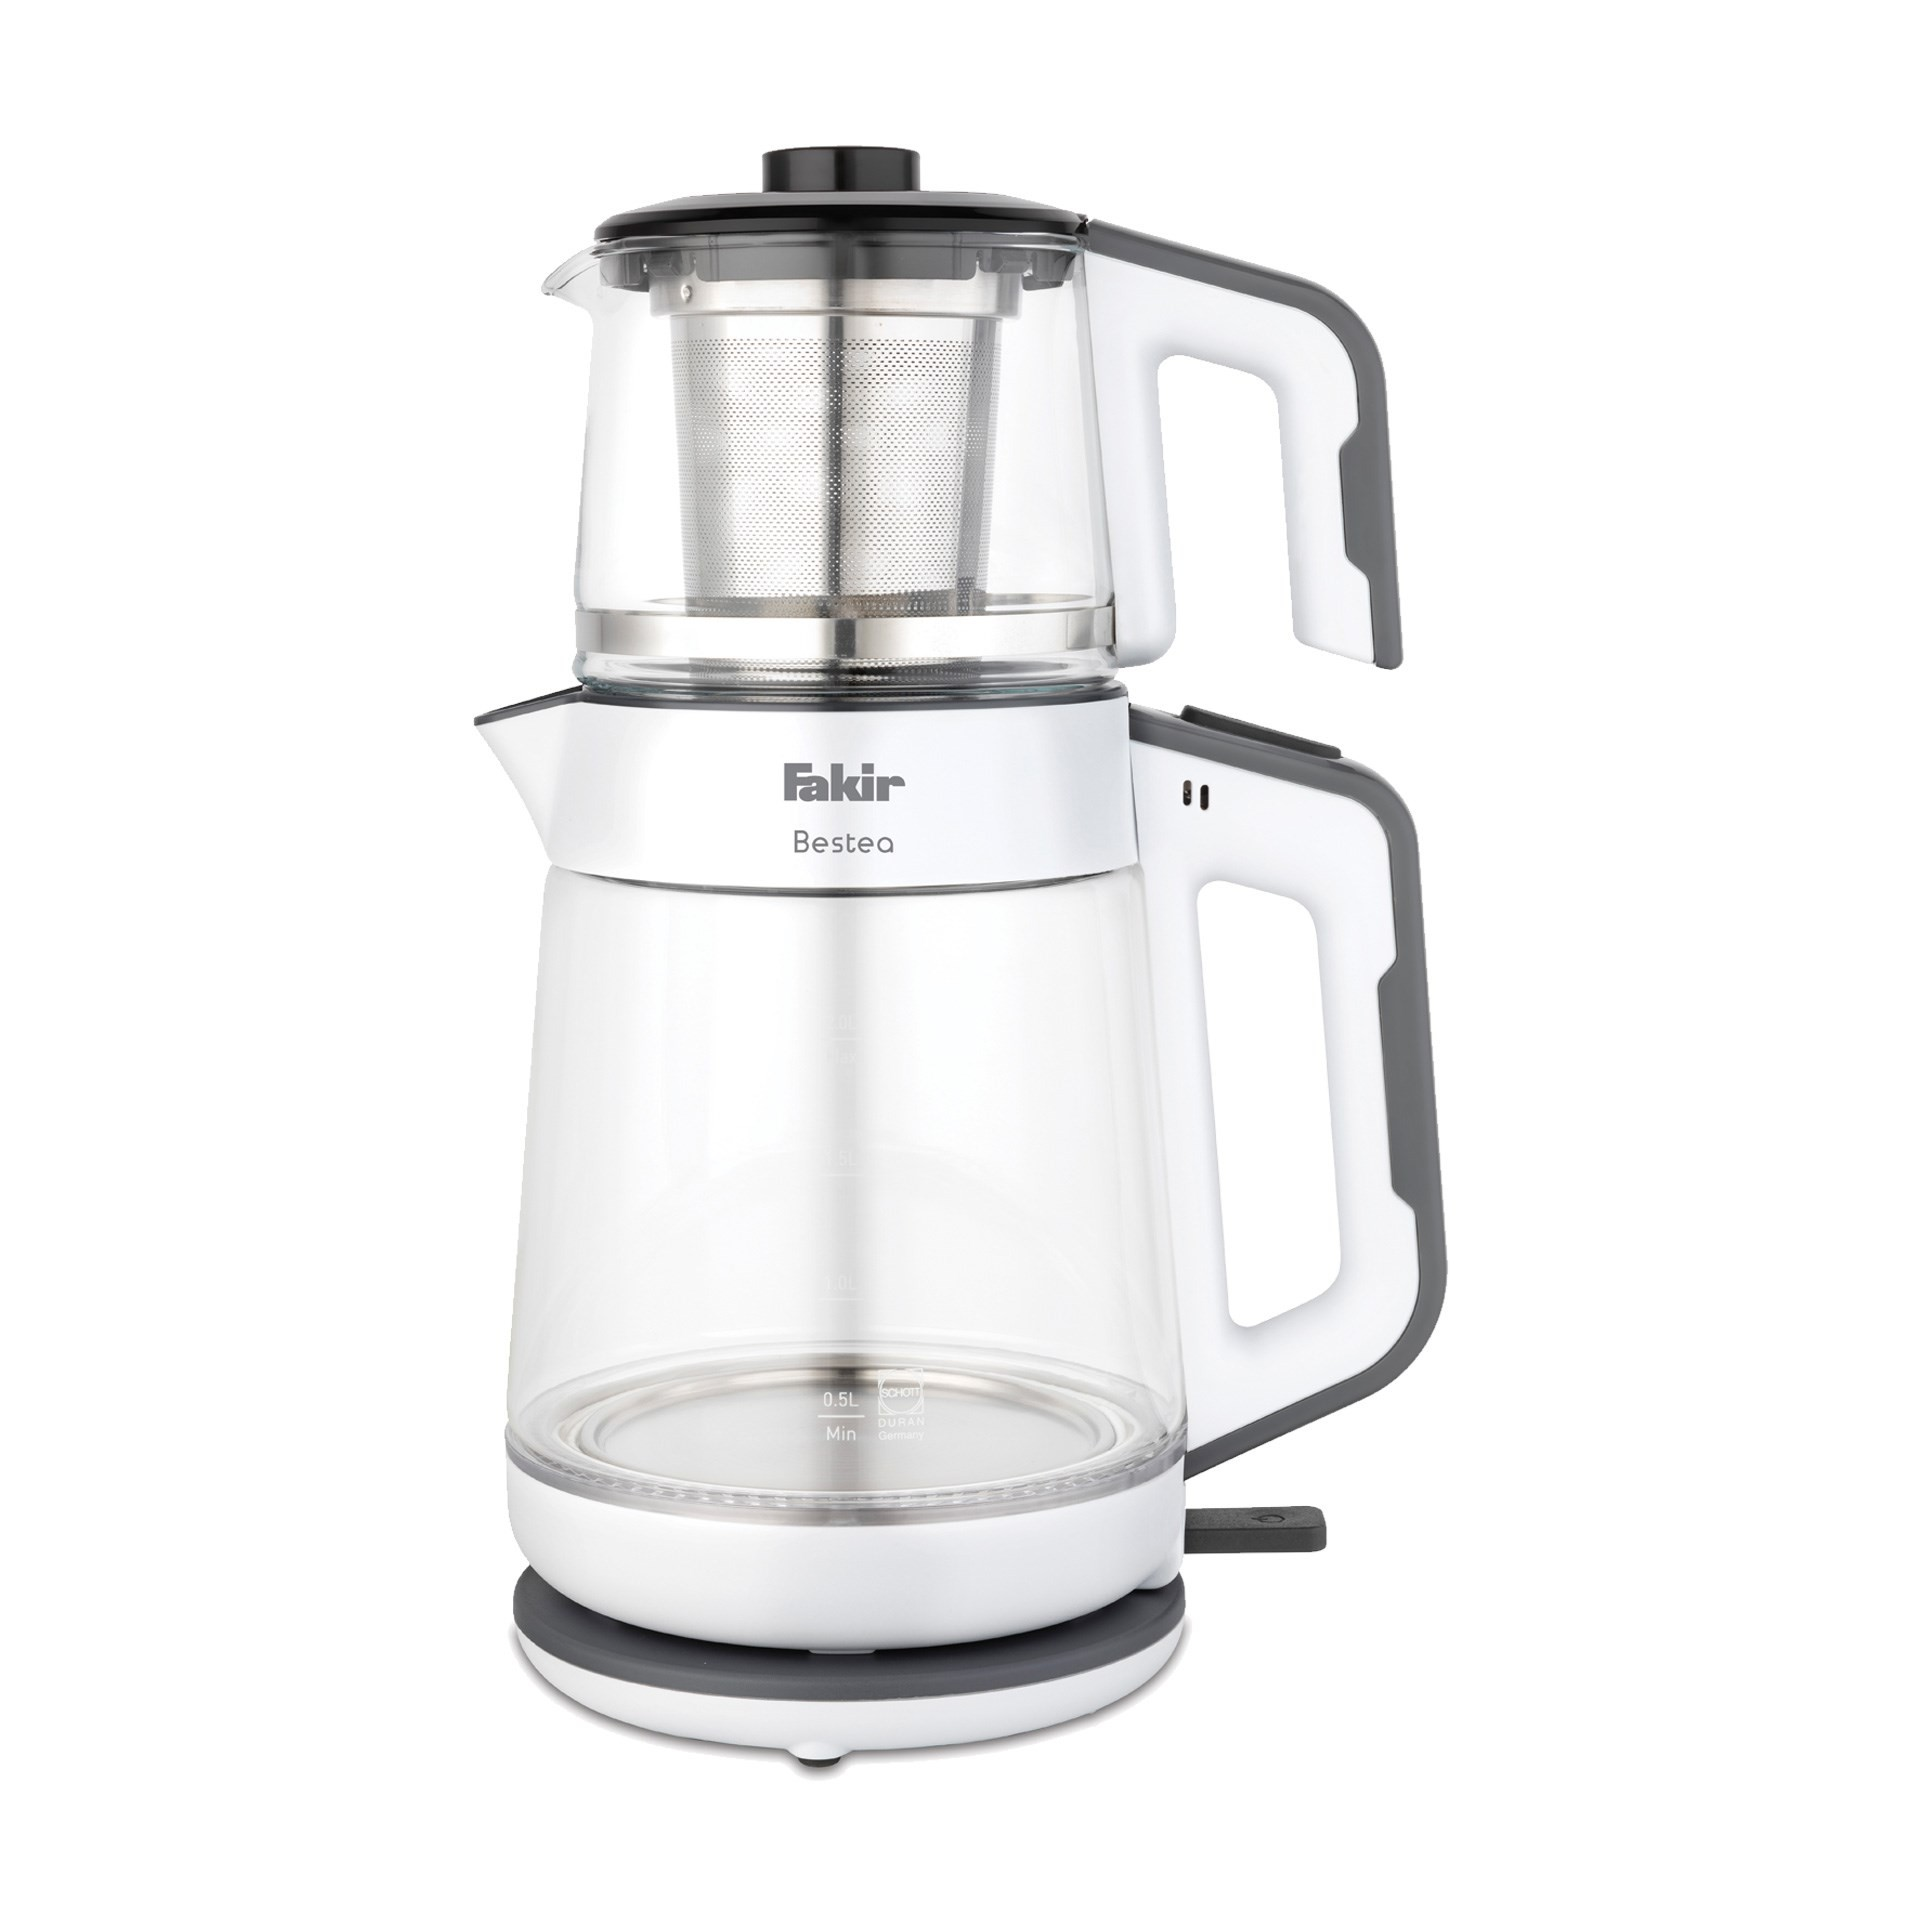 تصویر چای ساز فکر مدل BESTEA Fakir BESTEA Tea Maker